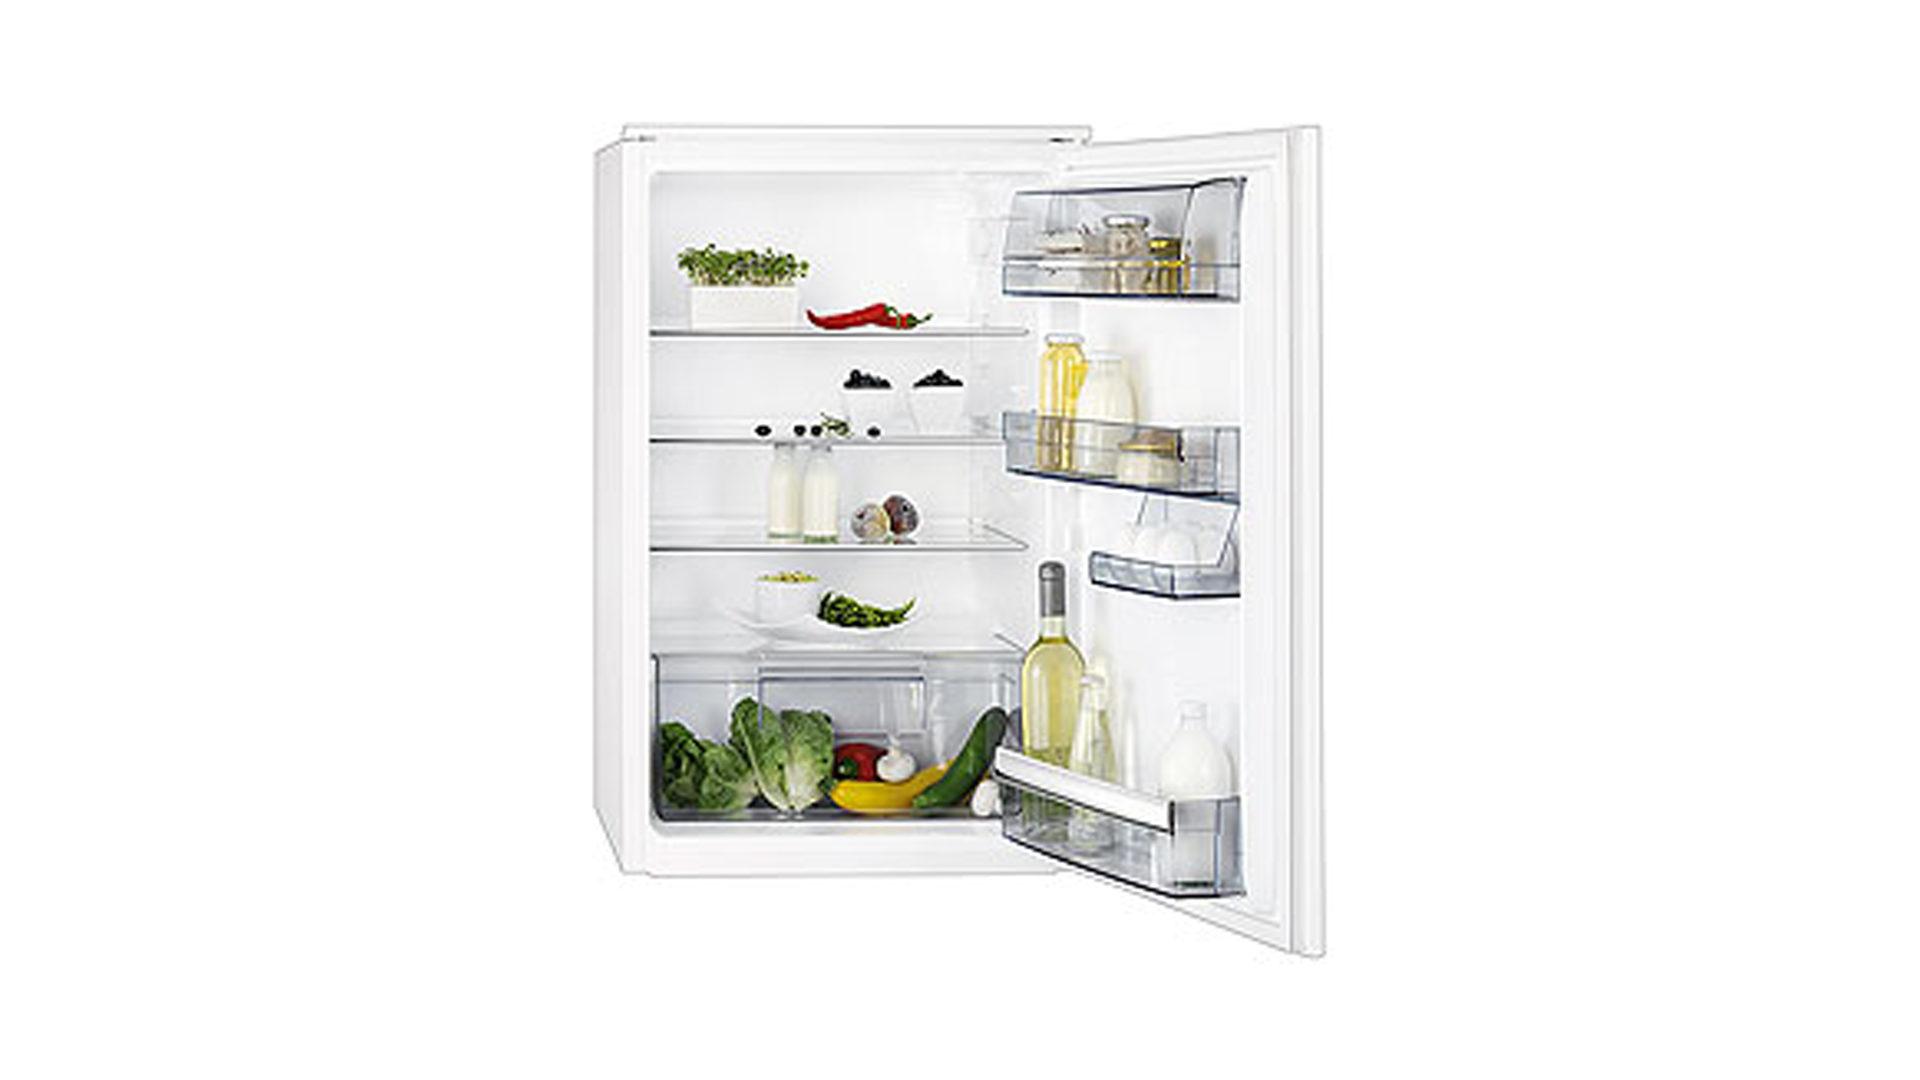 Aeg Kühlschrank Gebraucht : Einbaugeräte aeg autarkes vollintegrierter kopffreie